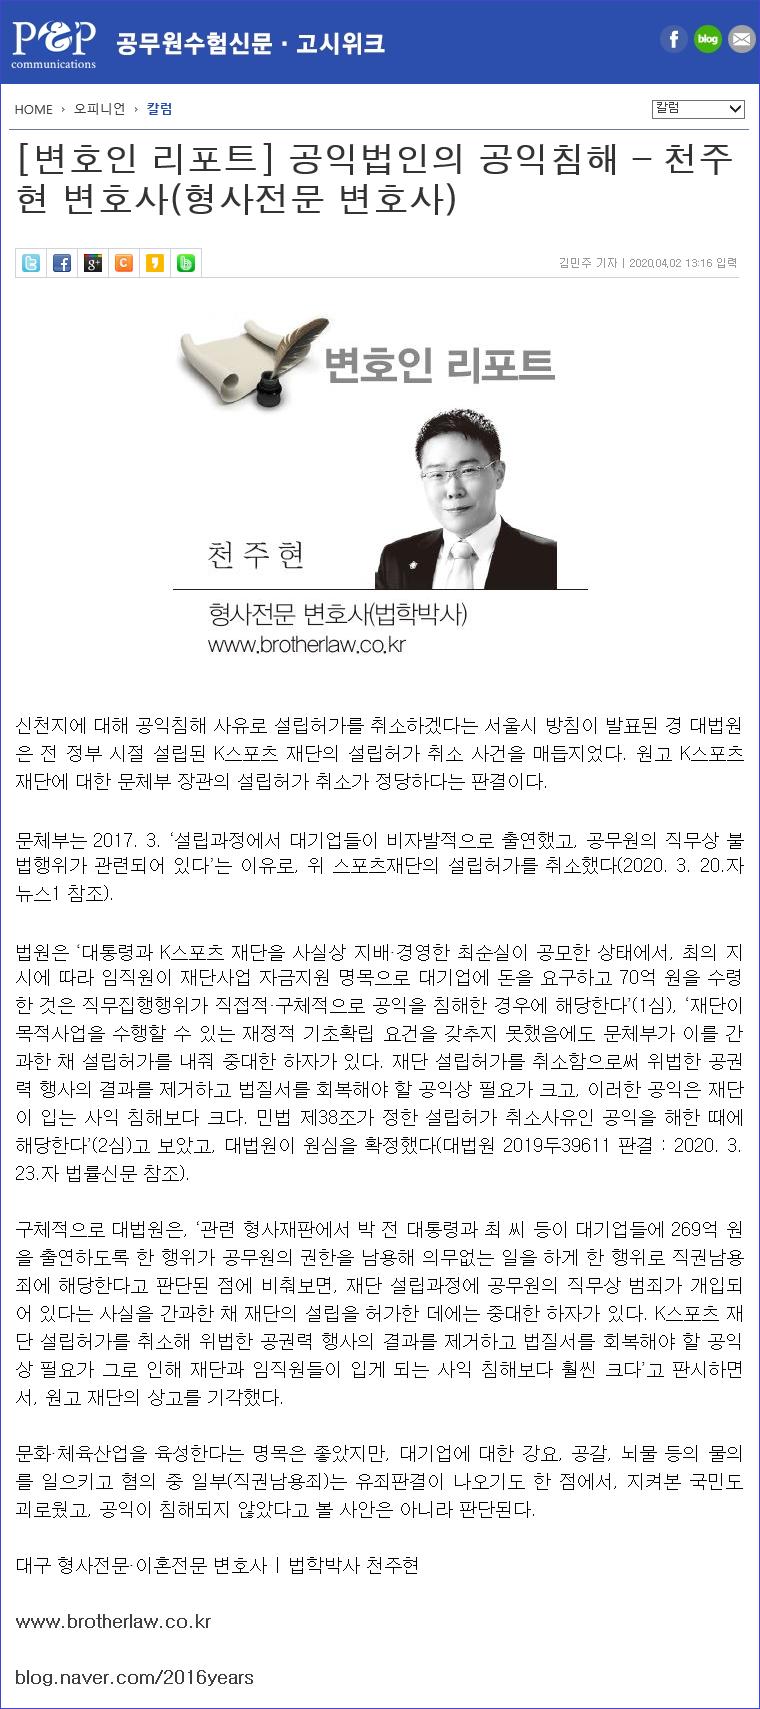 200402-변호인리포트(공익법인의 공익침해)-블로그용.png